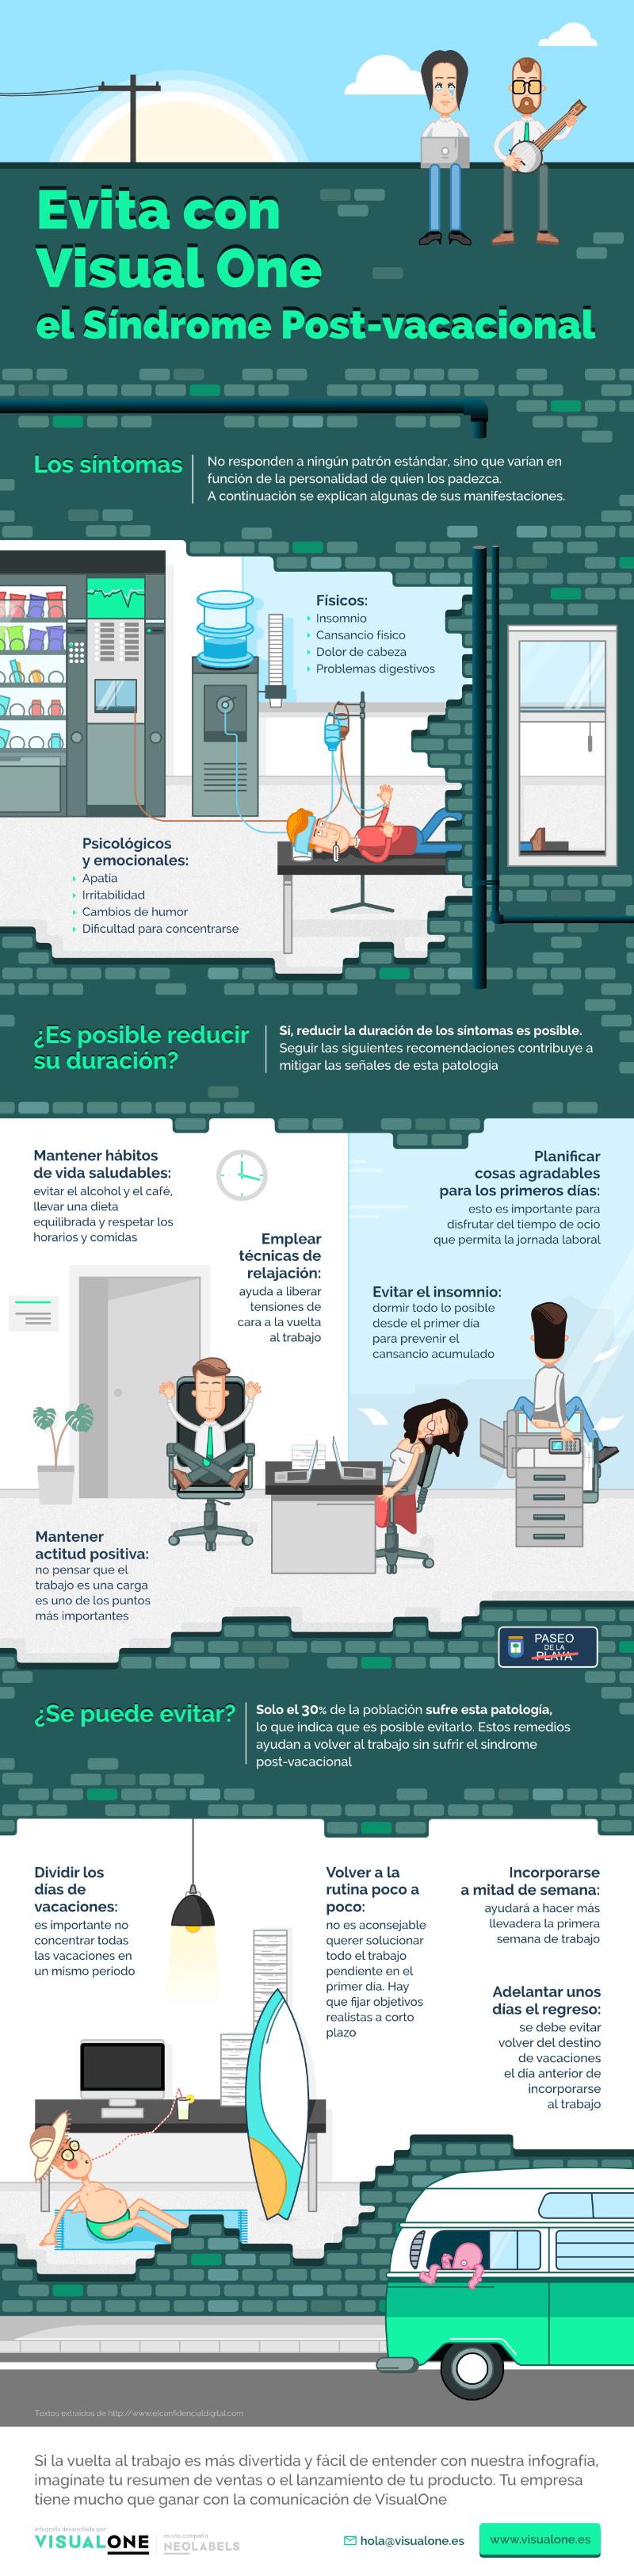 Creamos nuestra infografía del Síndrome Post-vacacional